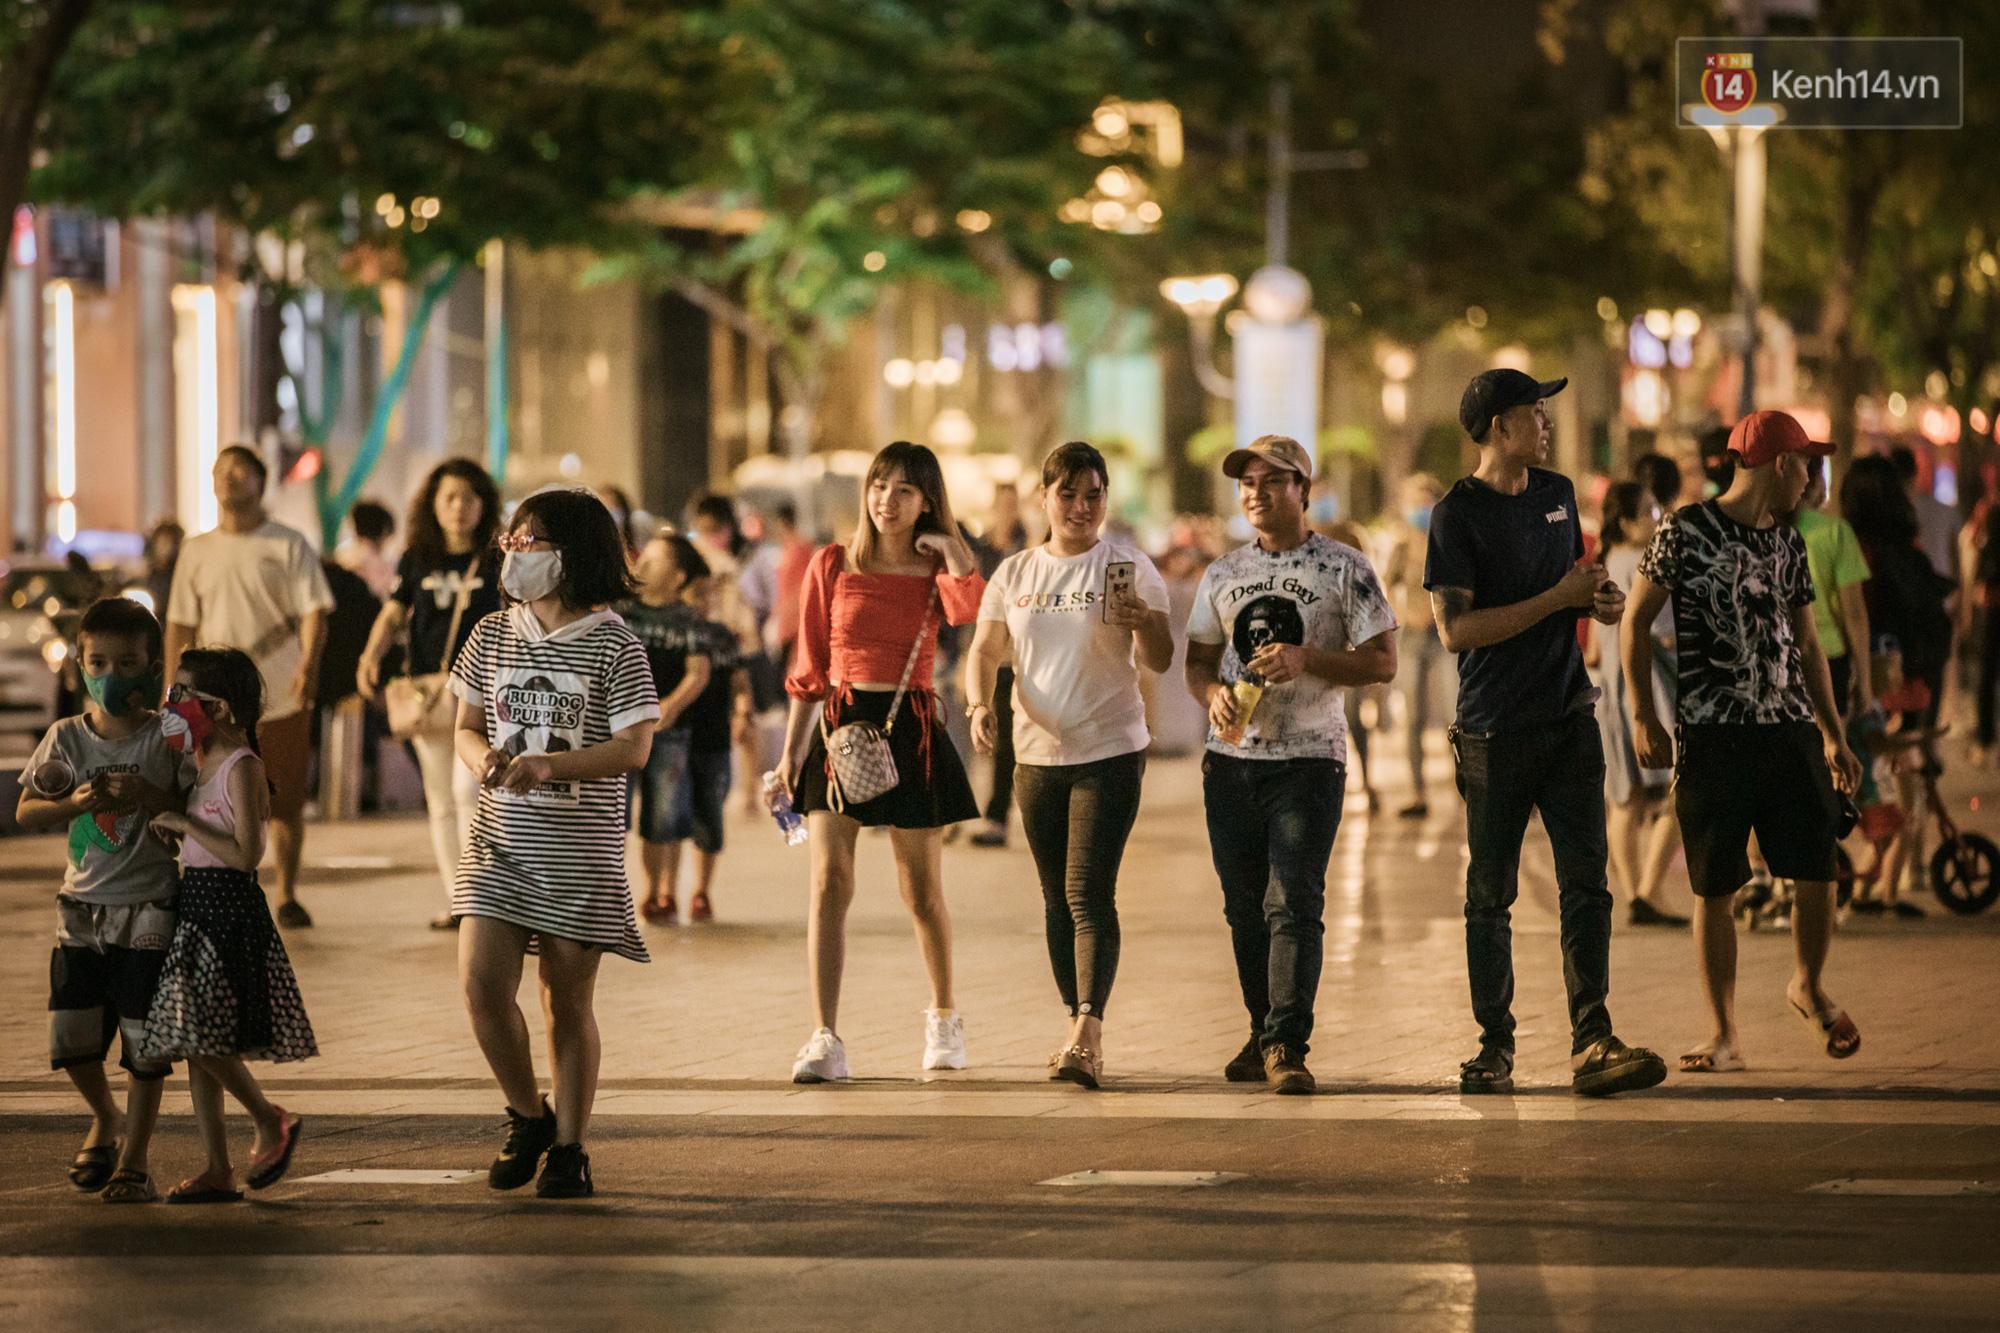 """Sài Gòn nhộn nhịp trong buổi tối nghỉ lễ đầu tiên: Khu vực trung tâm dần trở nên đông đúc, nhiều người lo sợ vẫn kè kè"""" chiếc khẩu trang bên mình-4"""